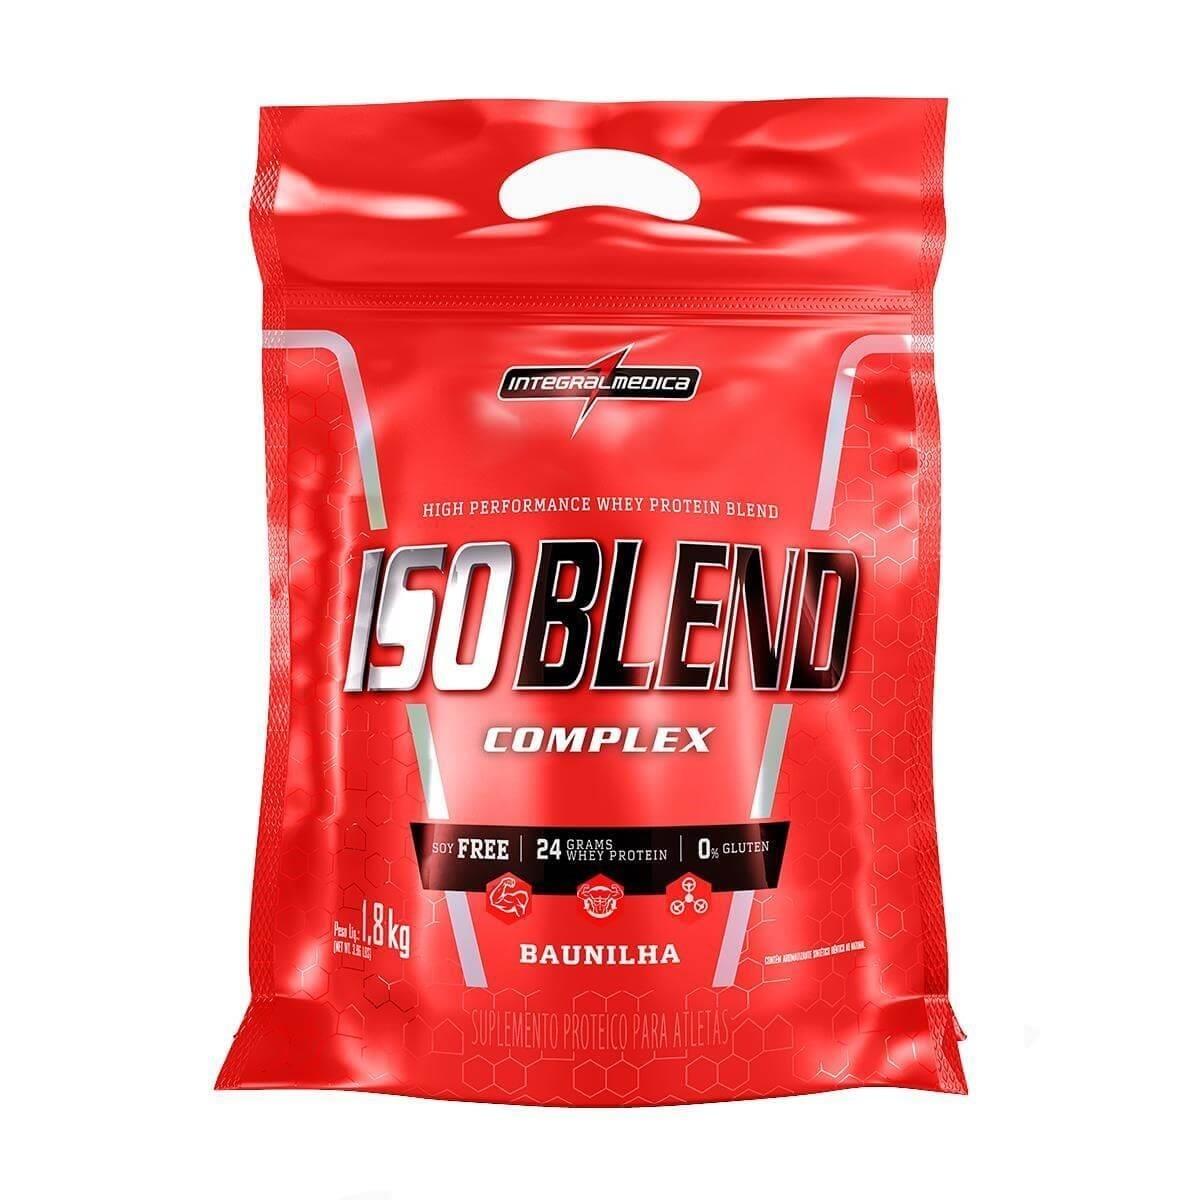 Iso Blend Complex Baunilha 1,800Kg - Integral Medica  - KFit Nutrition